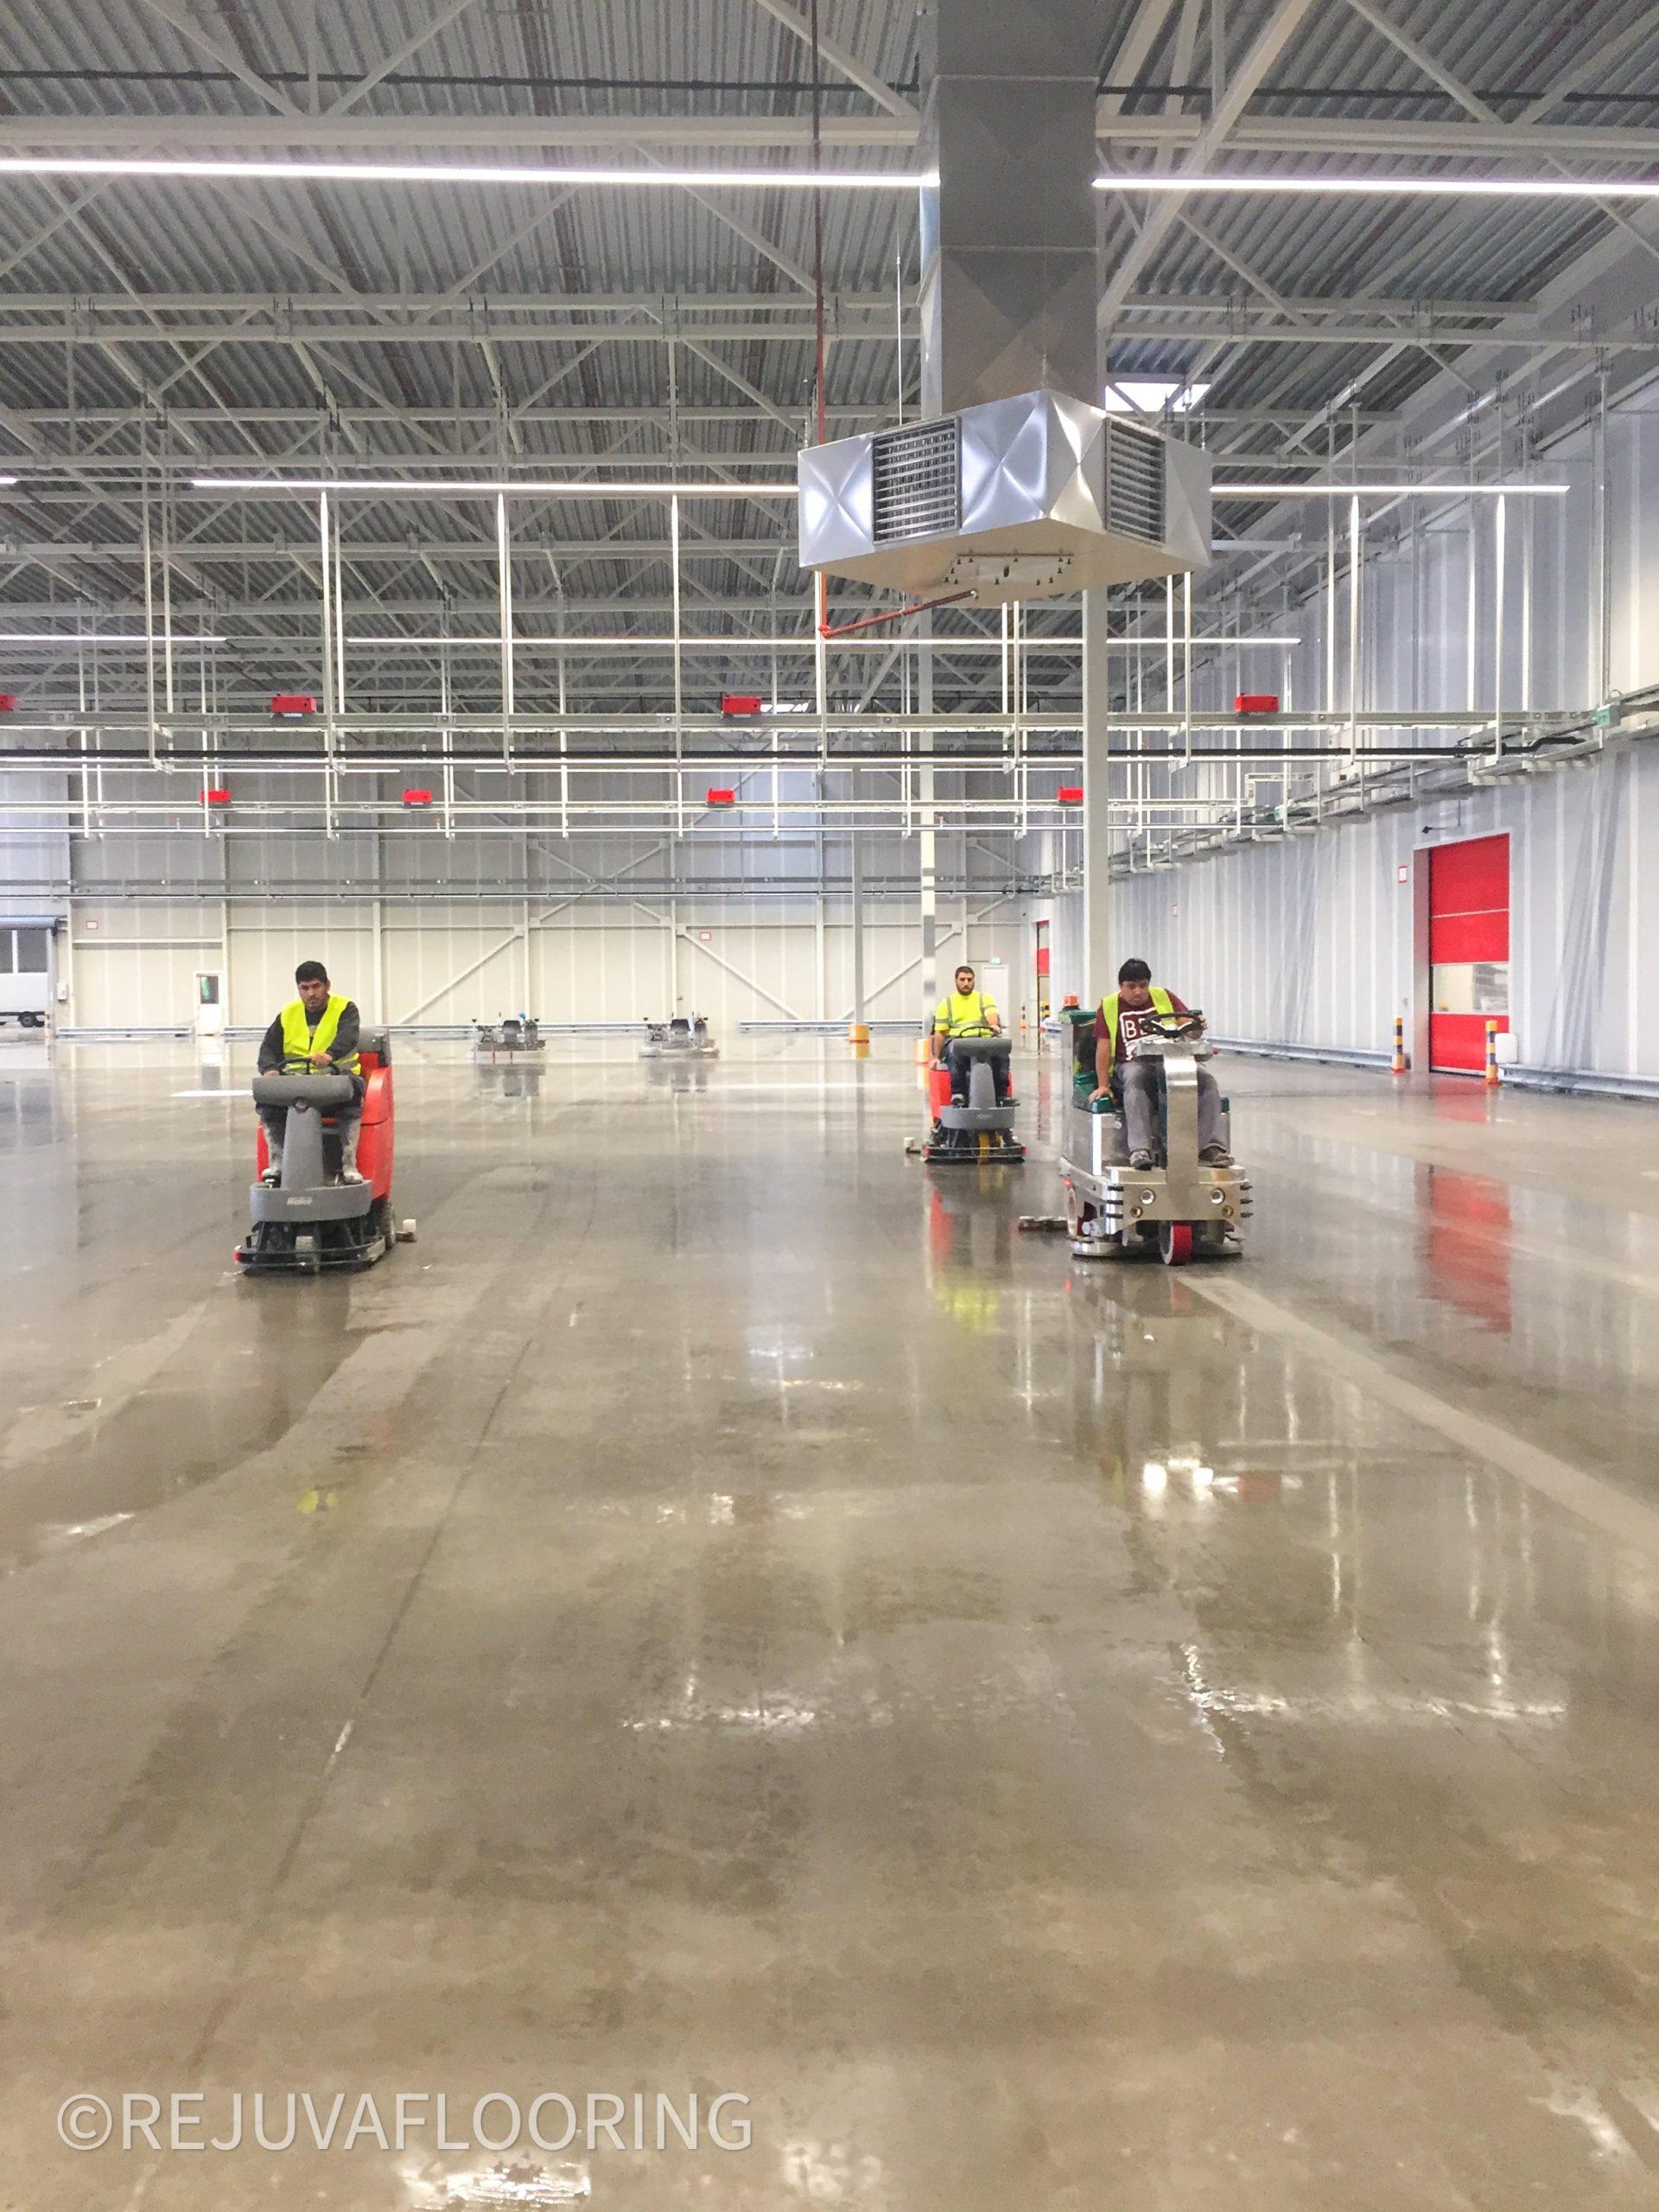 Scubber Dryer Concrete Floor